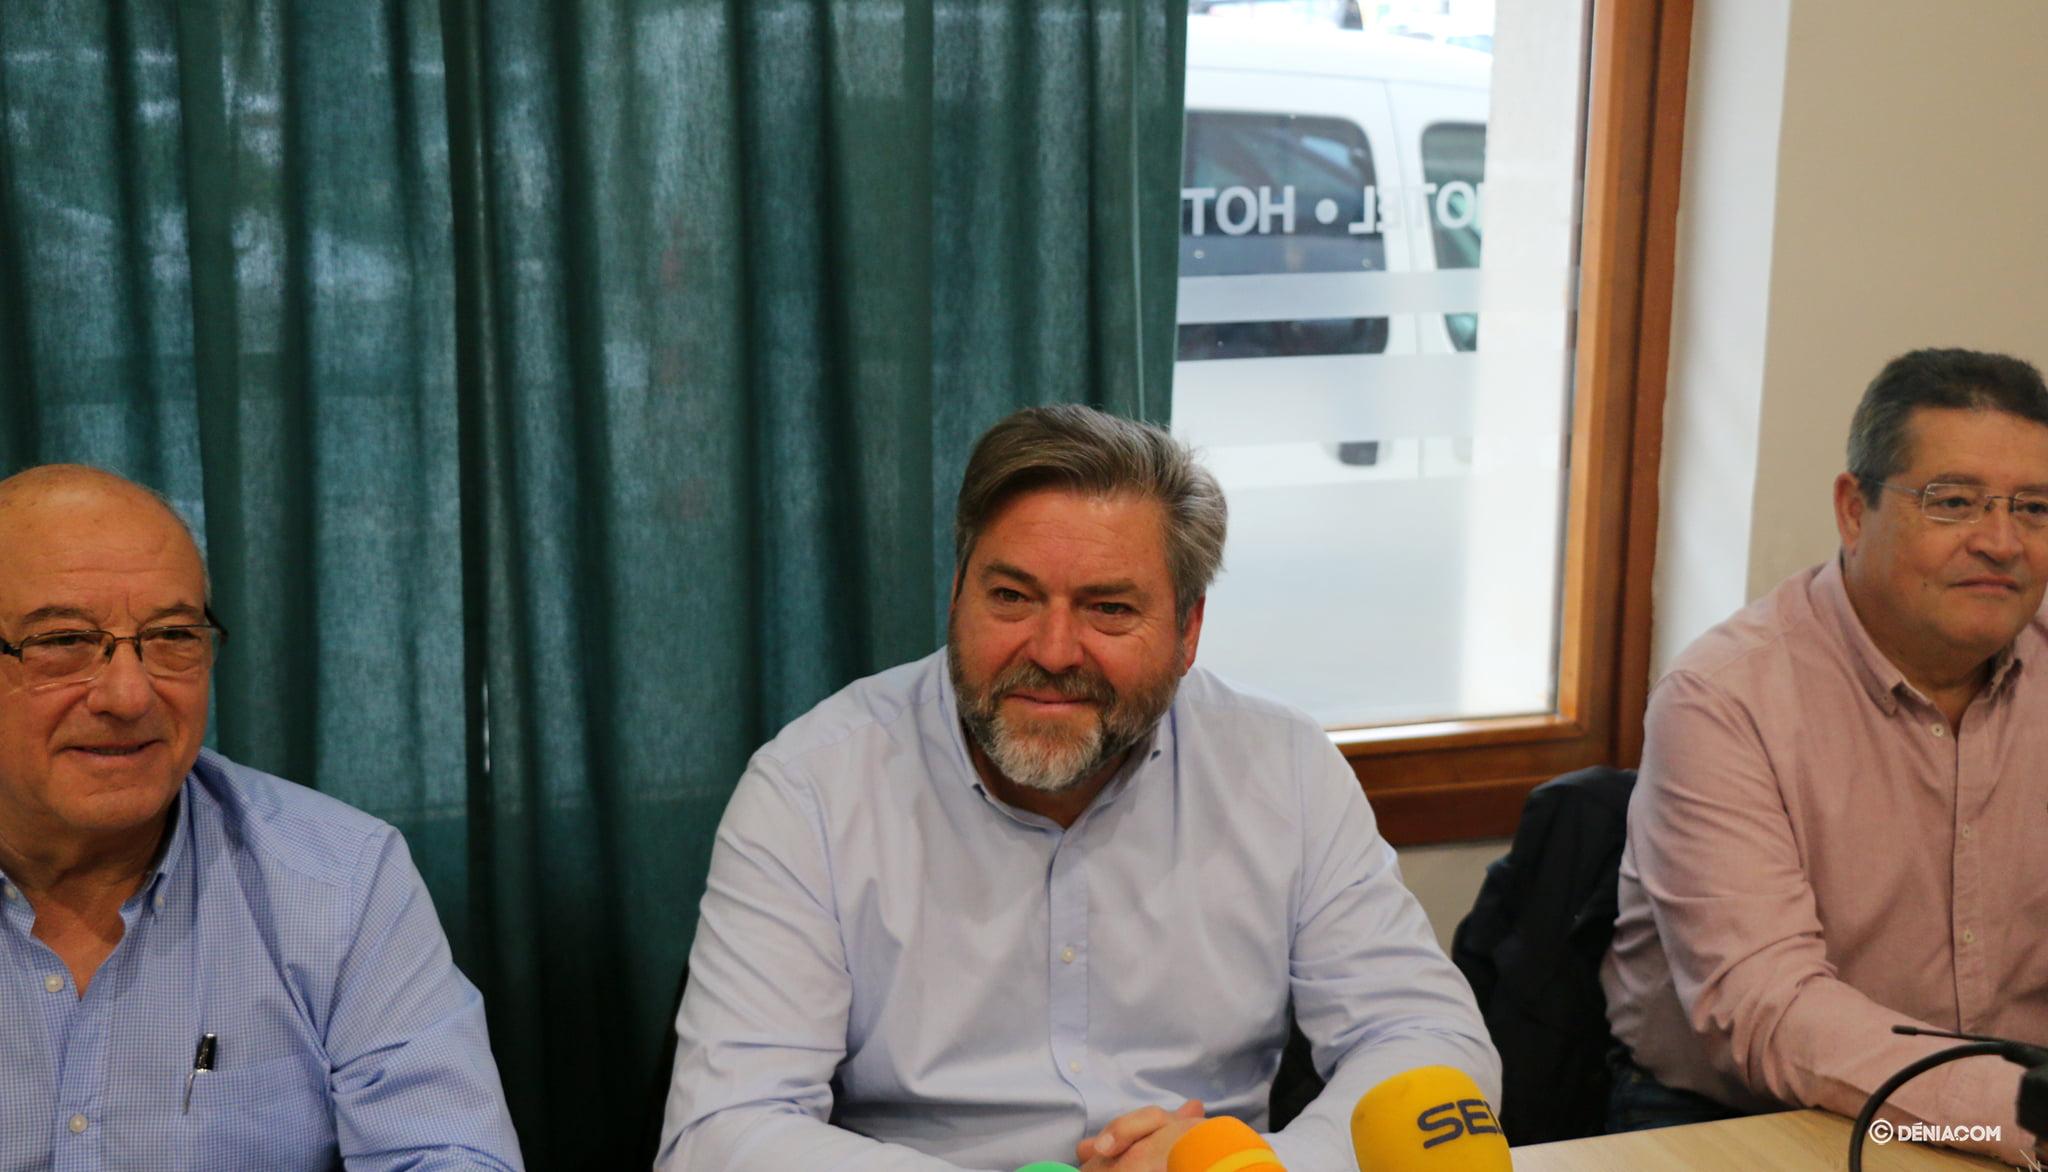 Rafa Carrió, spokesman for Compromís